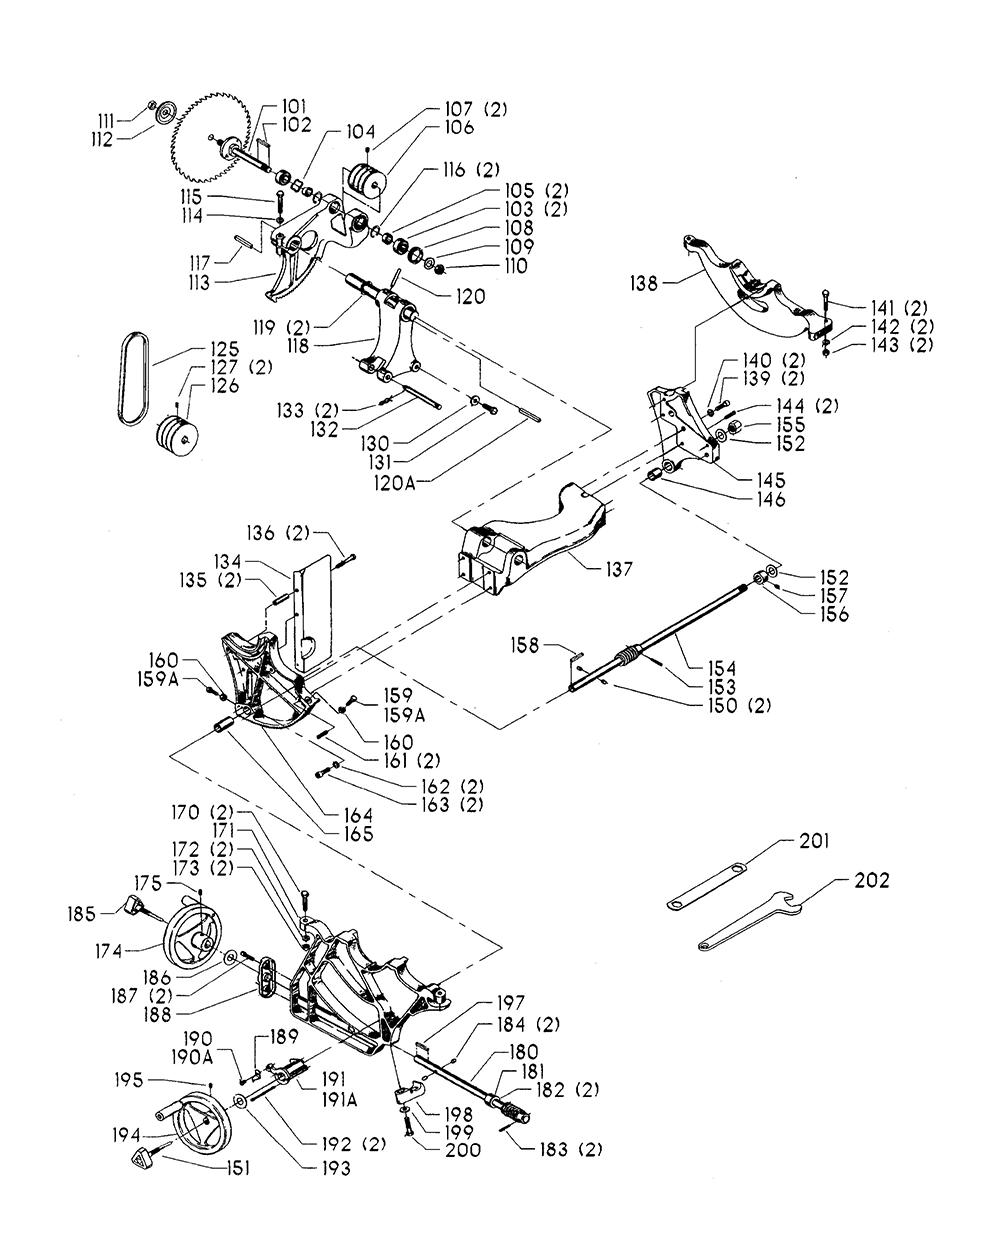 34-801-T3-Delta-PB-1Break Down